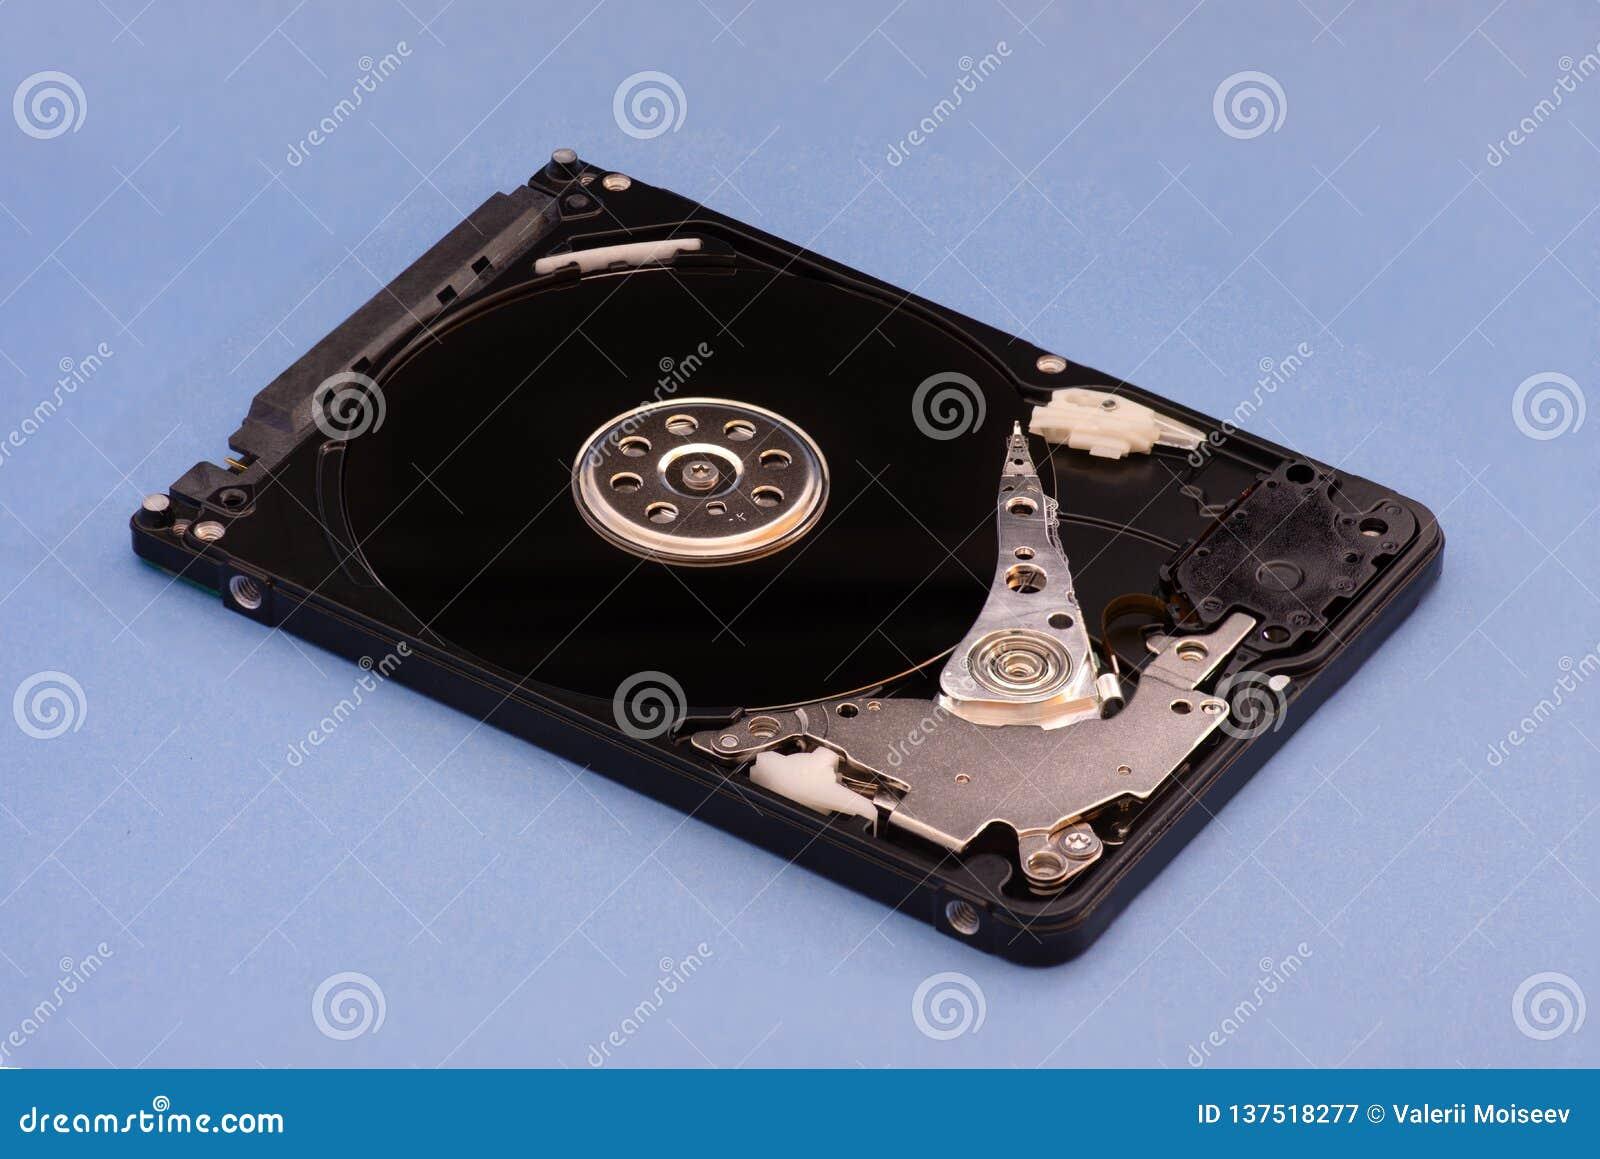 Opened ha smontato il disco rigido dal computer, hdd con effetto dello specchio Su priorità bassa blu